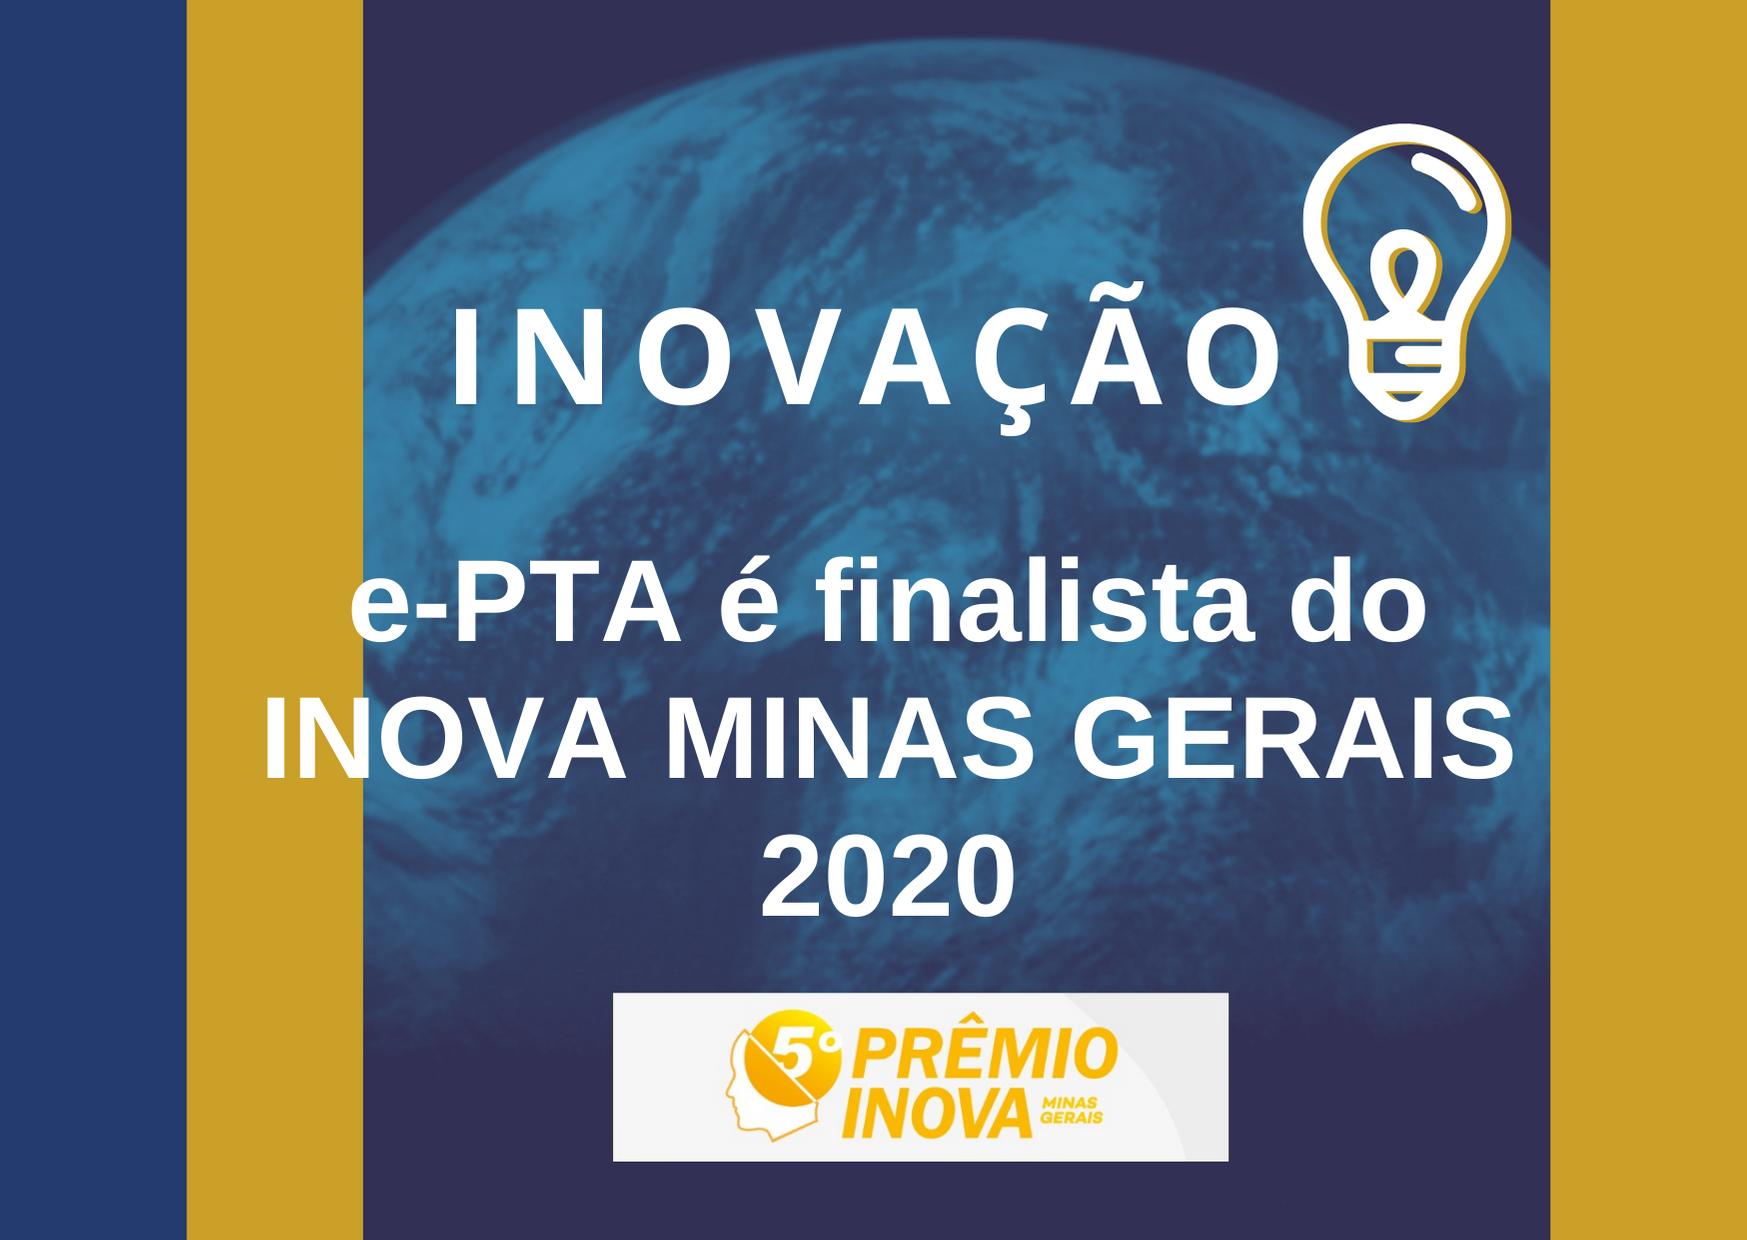 Sistema desenvolvido por Auditores Fiscais e servidores fazendários é finalista do Prêmio Inova Minas Gerais 2020